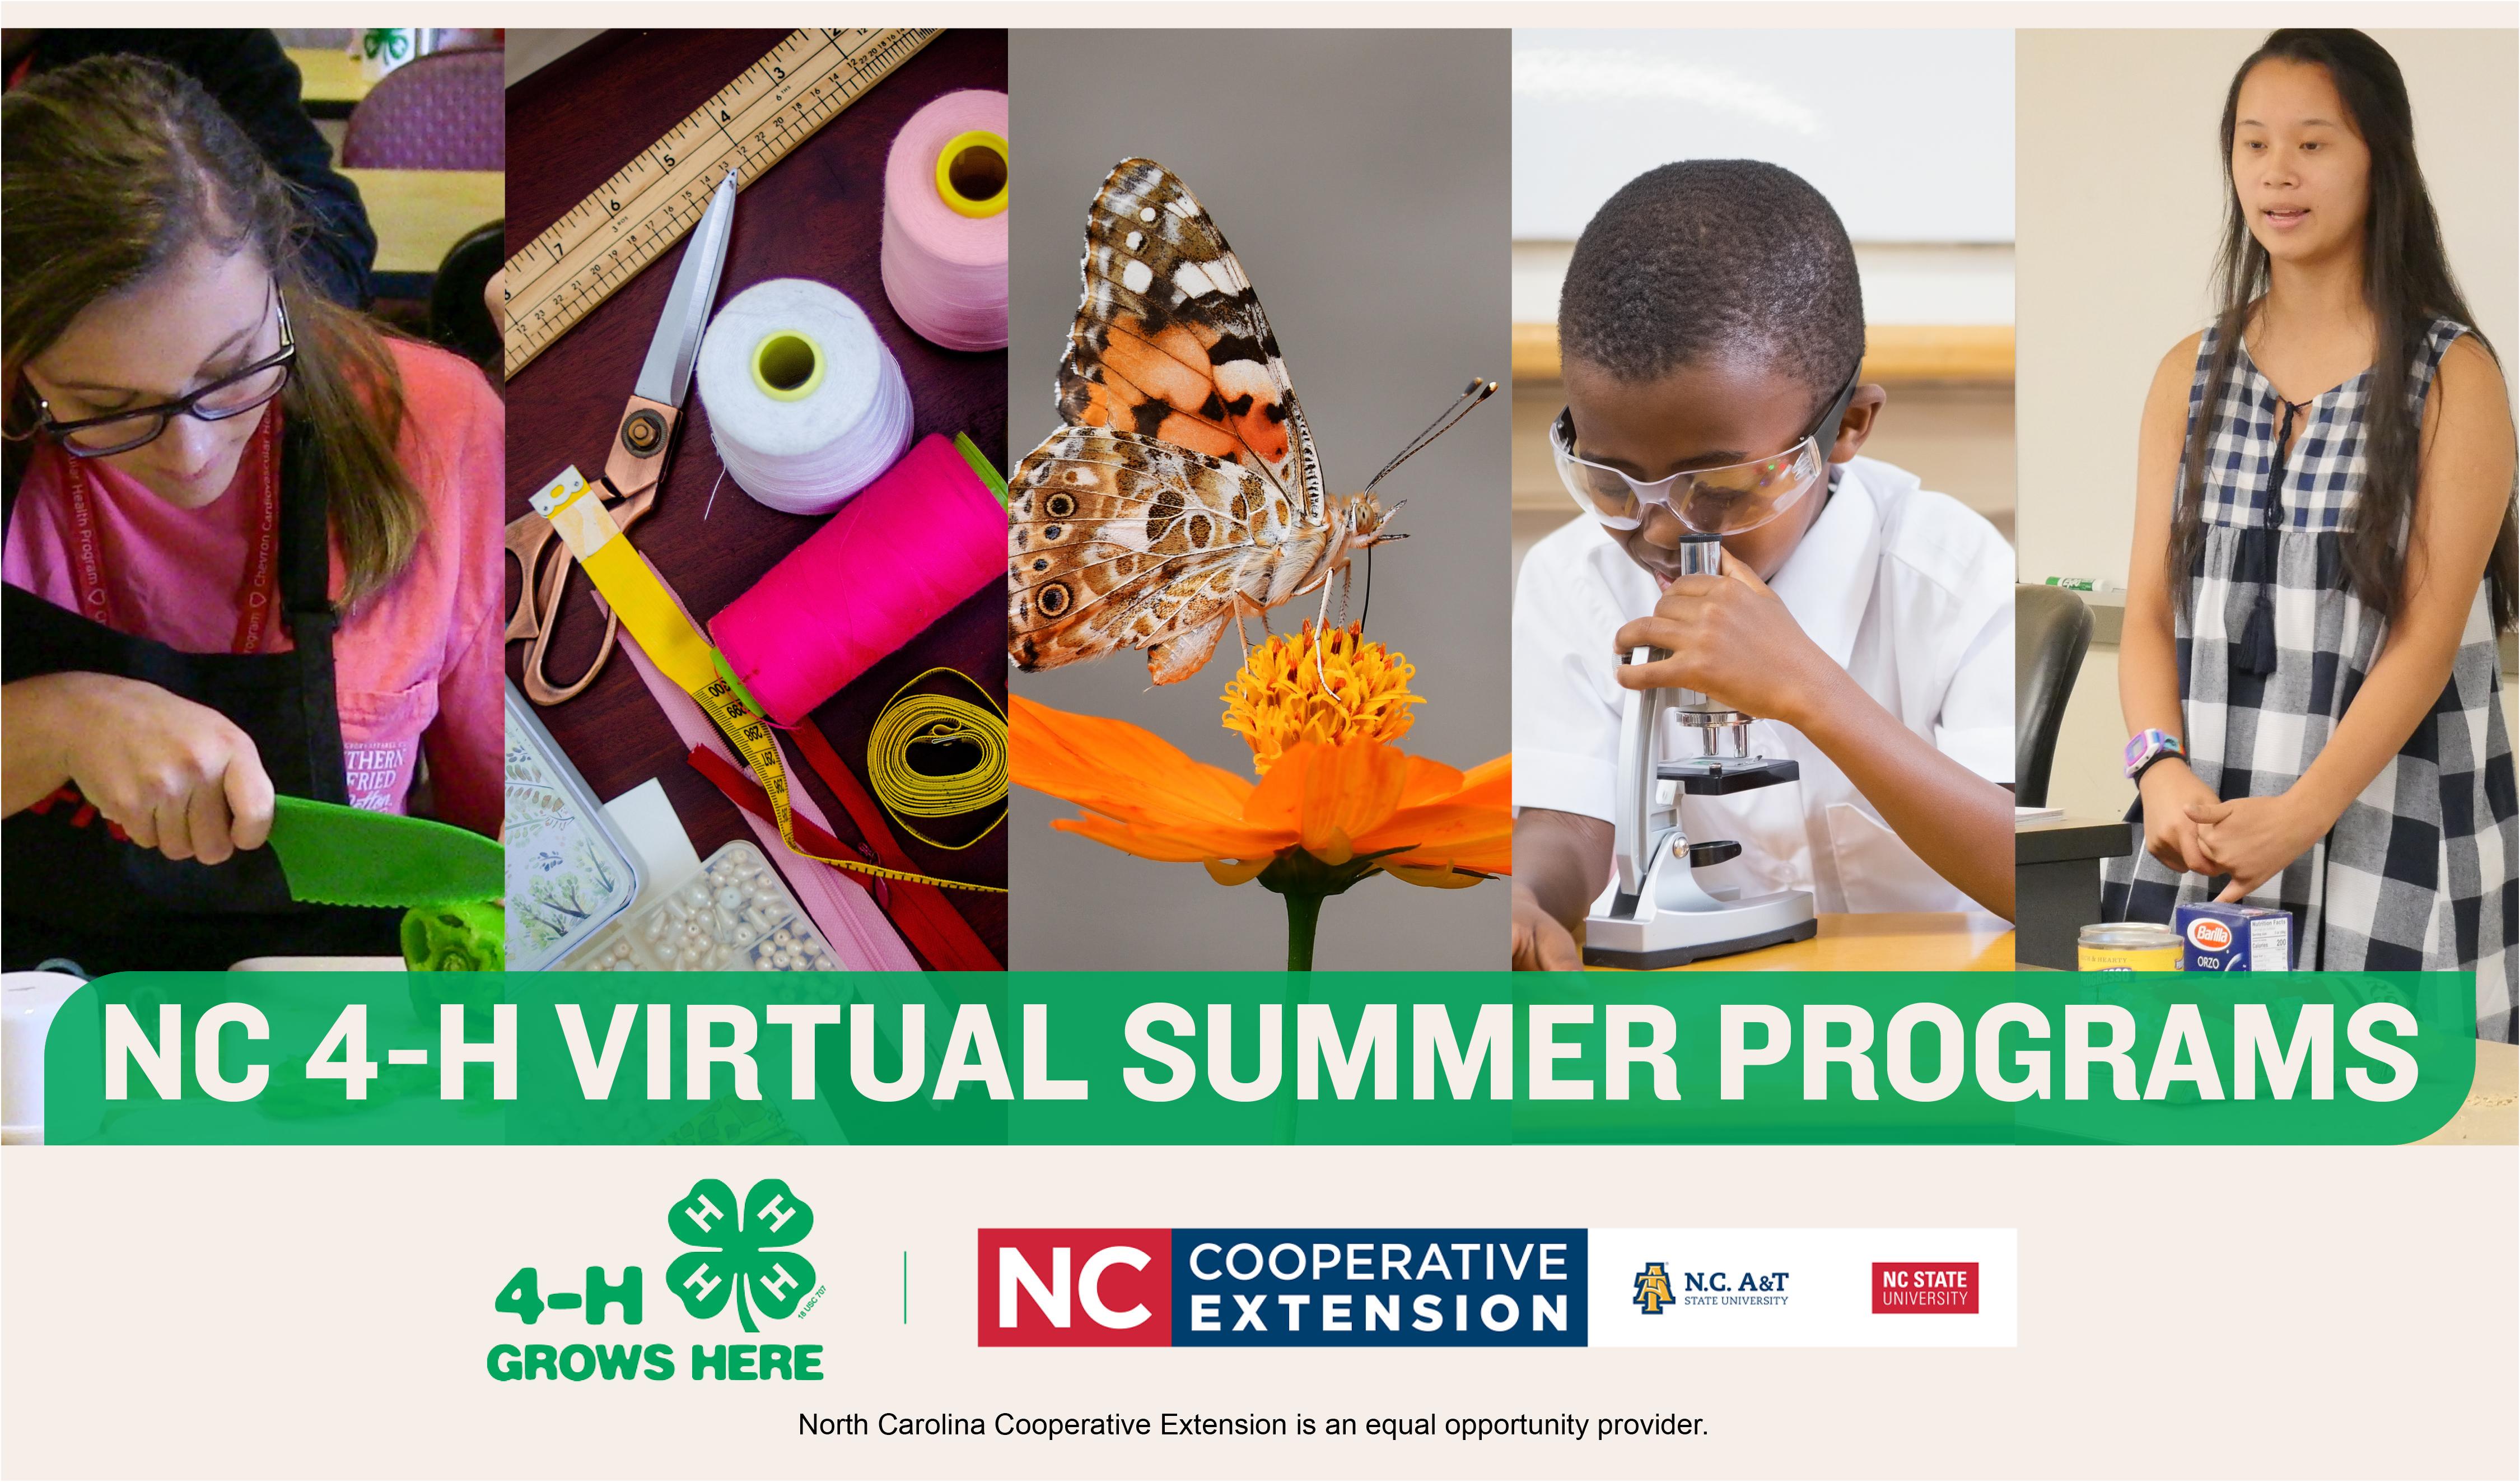 4-H Virtual Programs